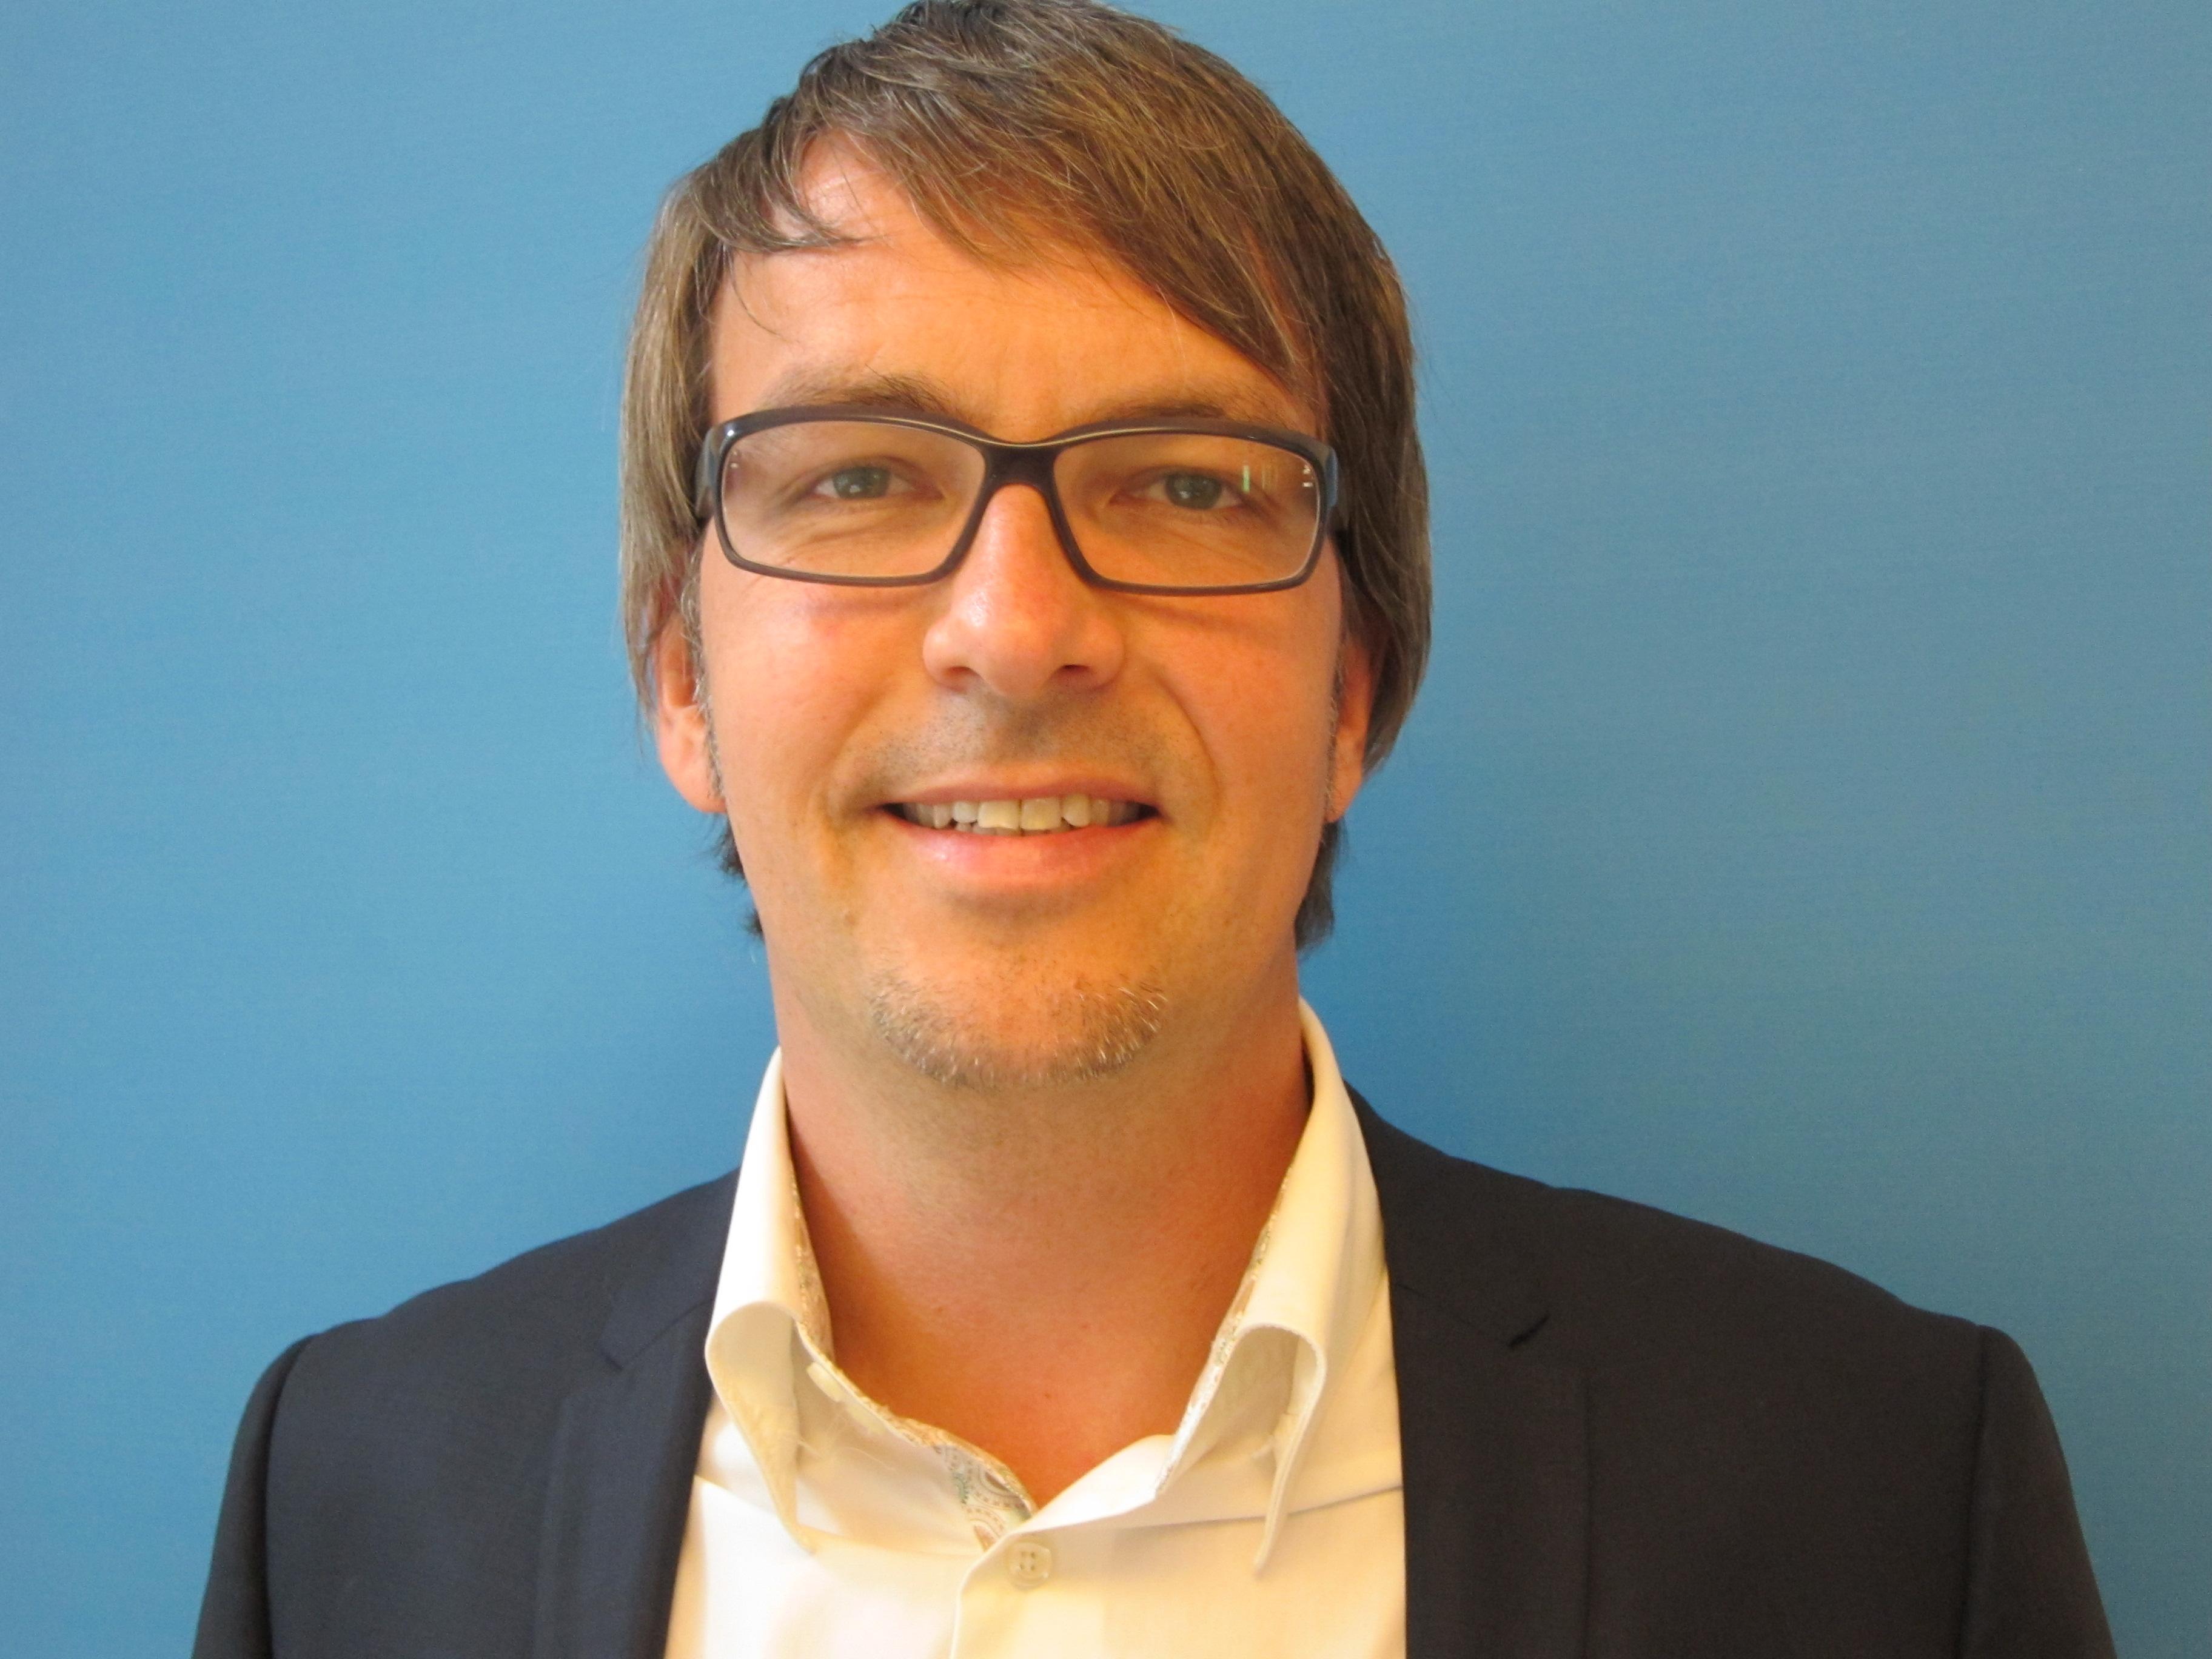 Carsten Frien